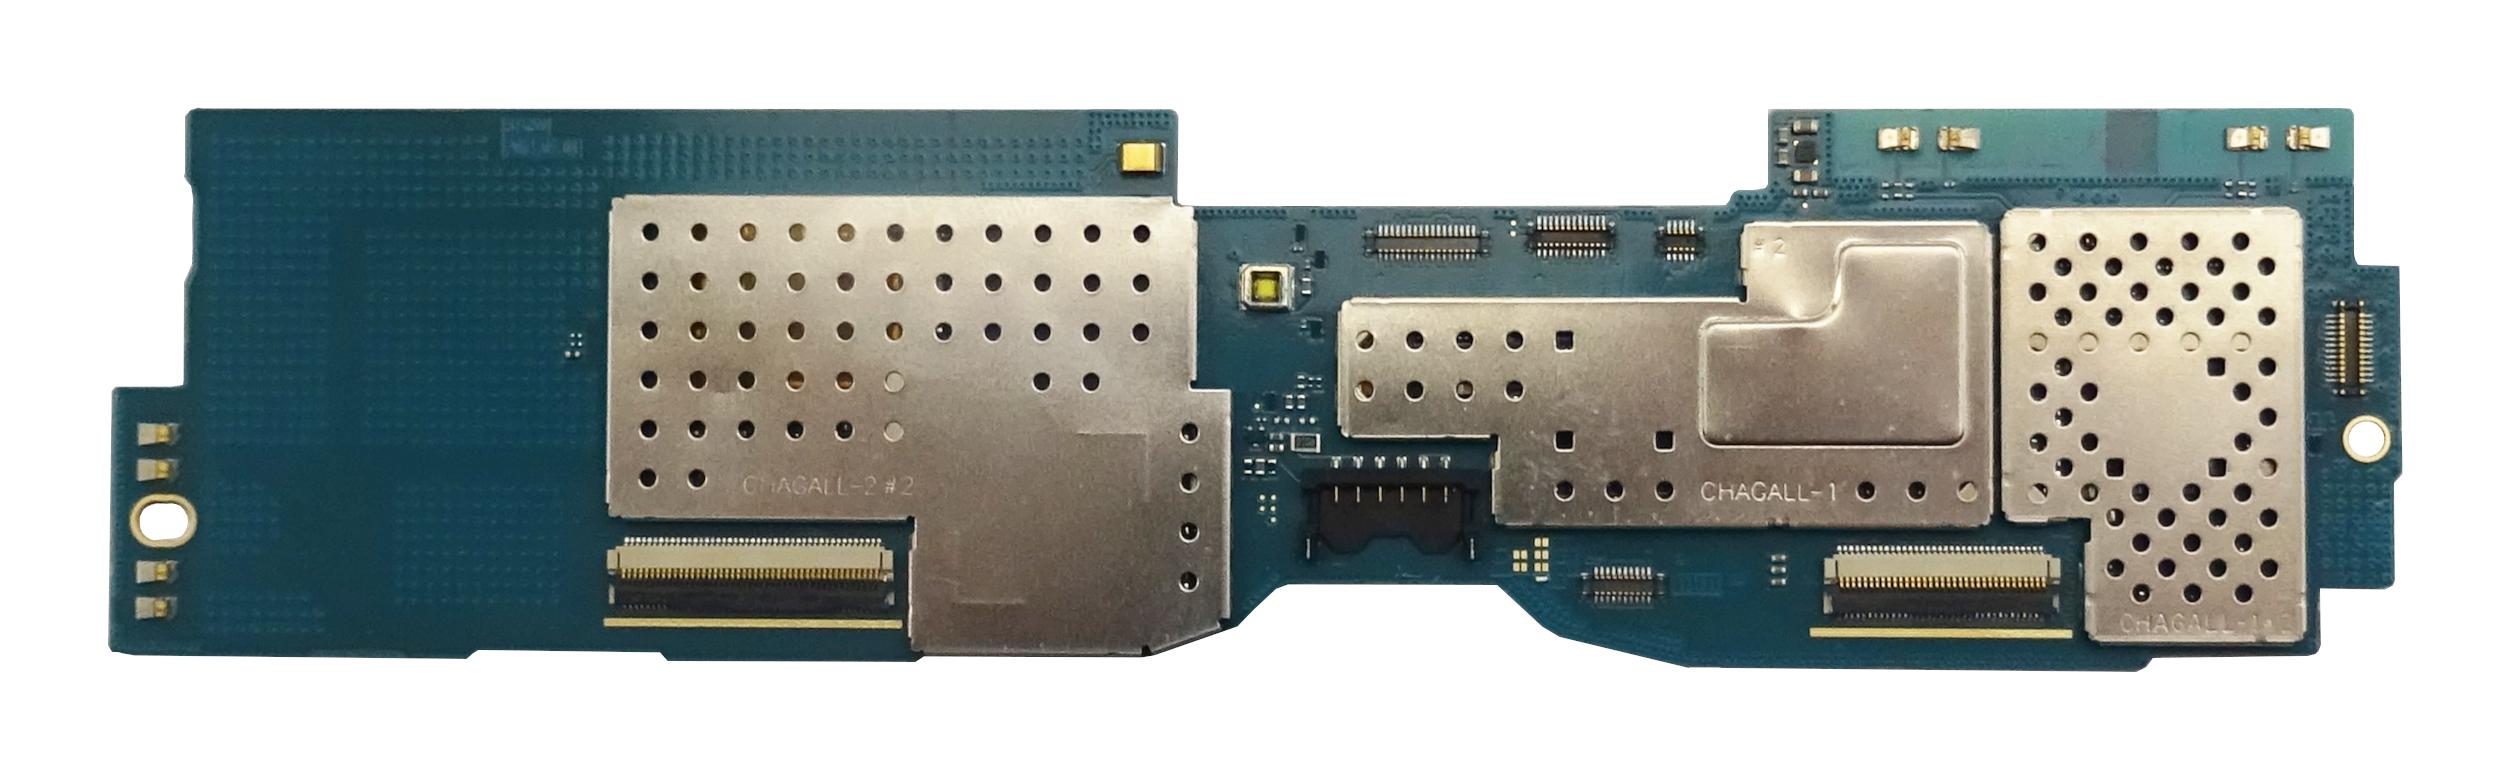 Samsung Galaxy Tab S 10.5 SM-T800 Main Motherboard 16GB Wi-Fi